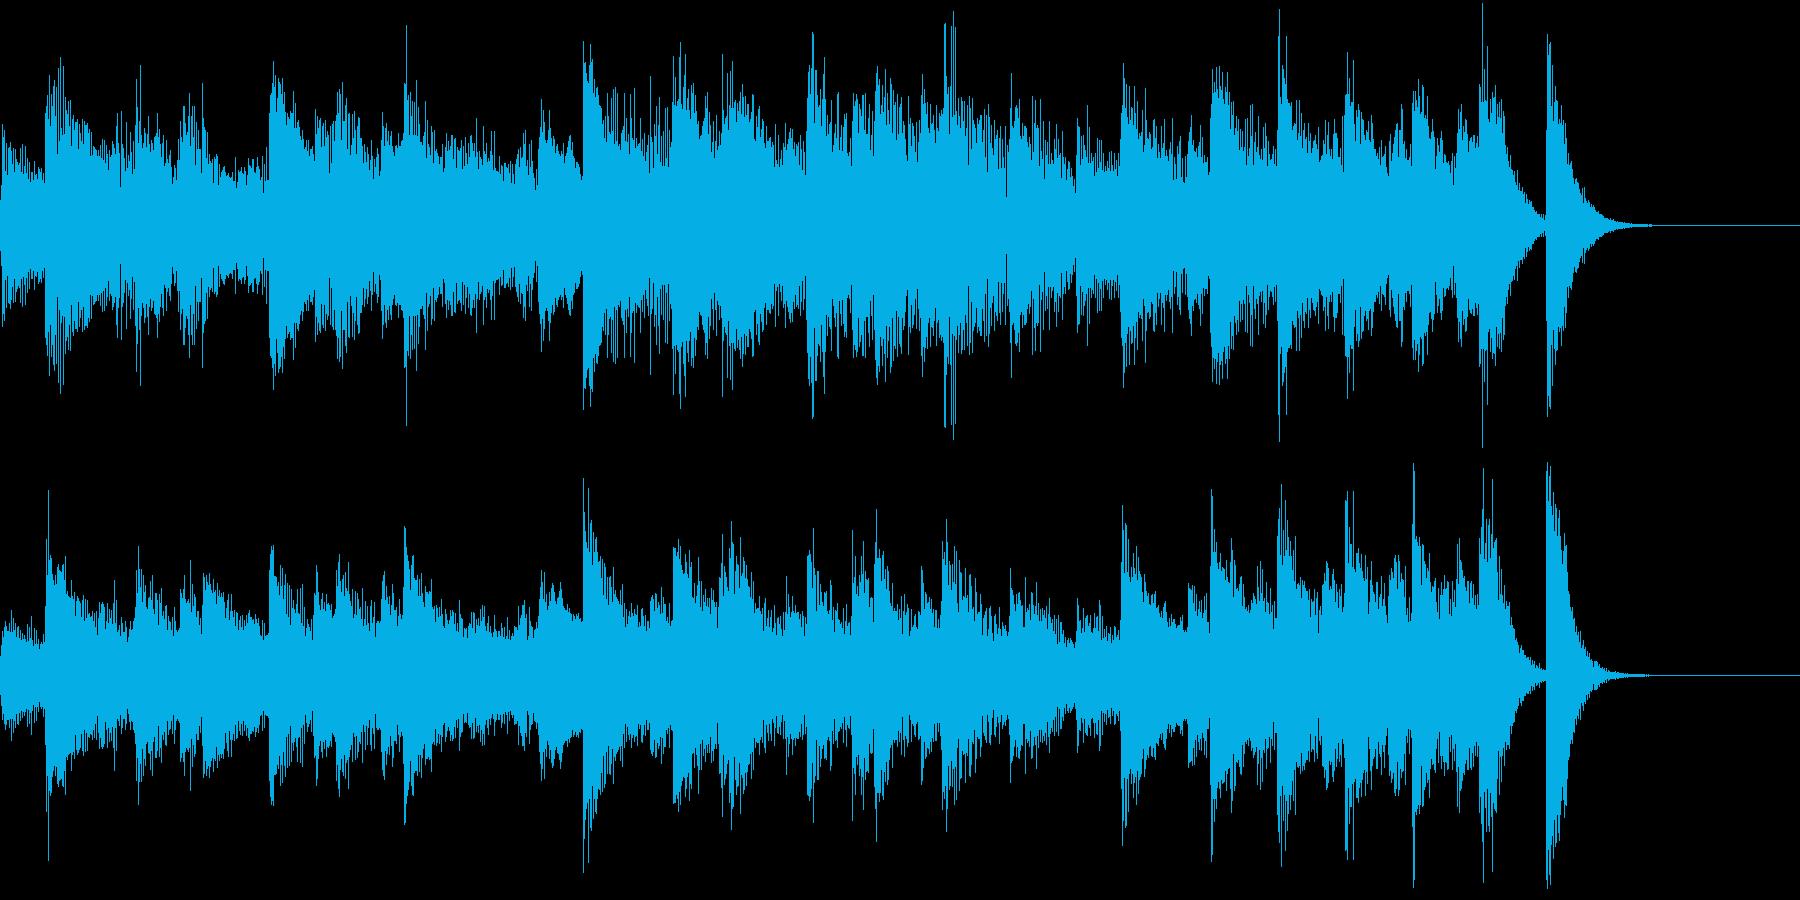 大正を感じる小唄風のジャズピアノジングルの再生済みの波形